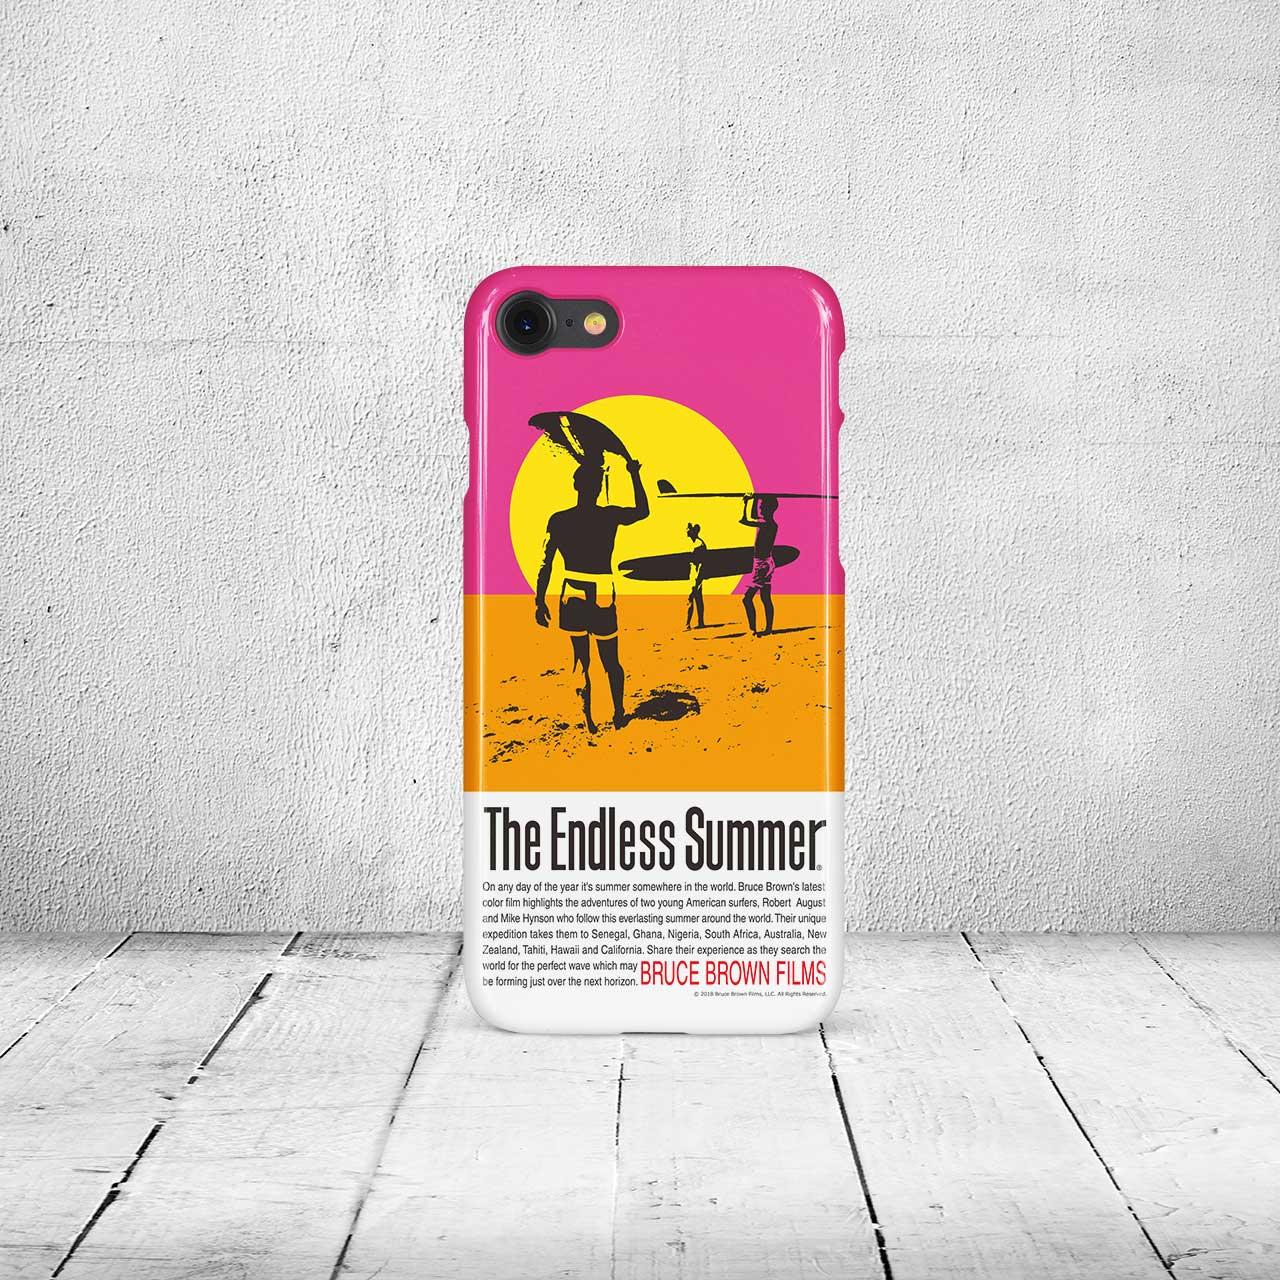 【ブルース・ブラウンフィルム】iPhone7 & 8ケース・The Endless Summer (エンドレスサマー)・オリジナル